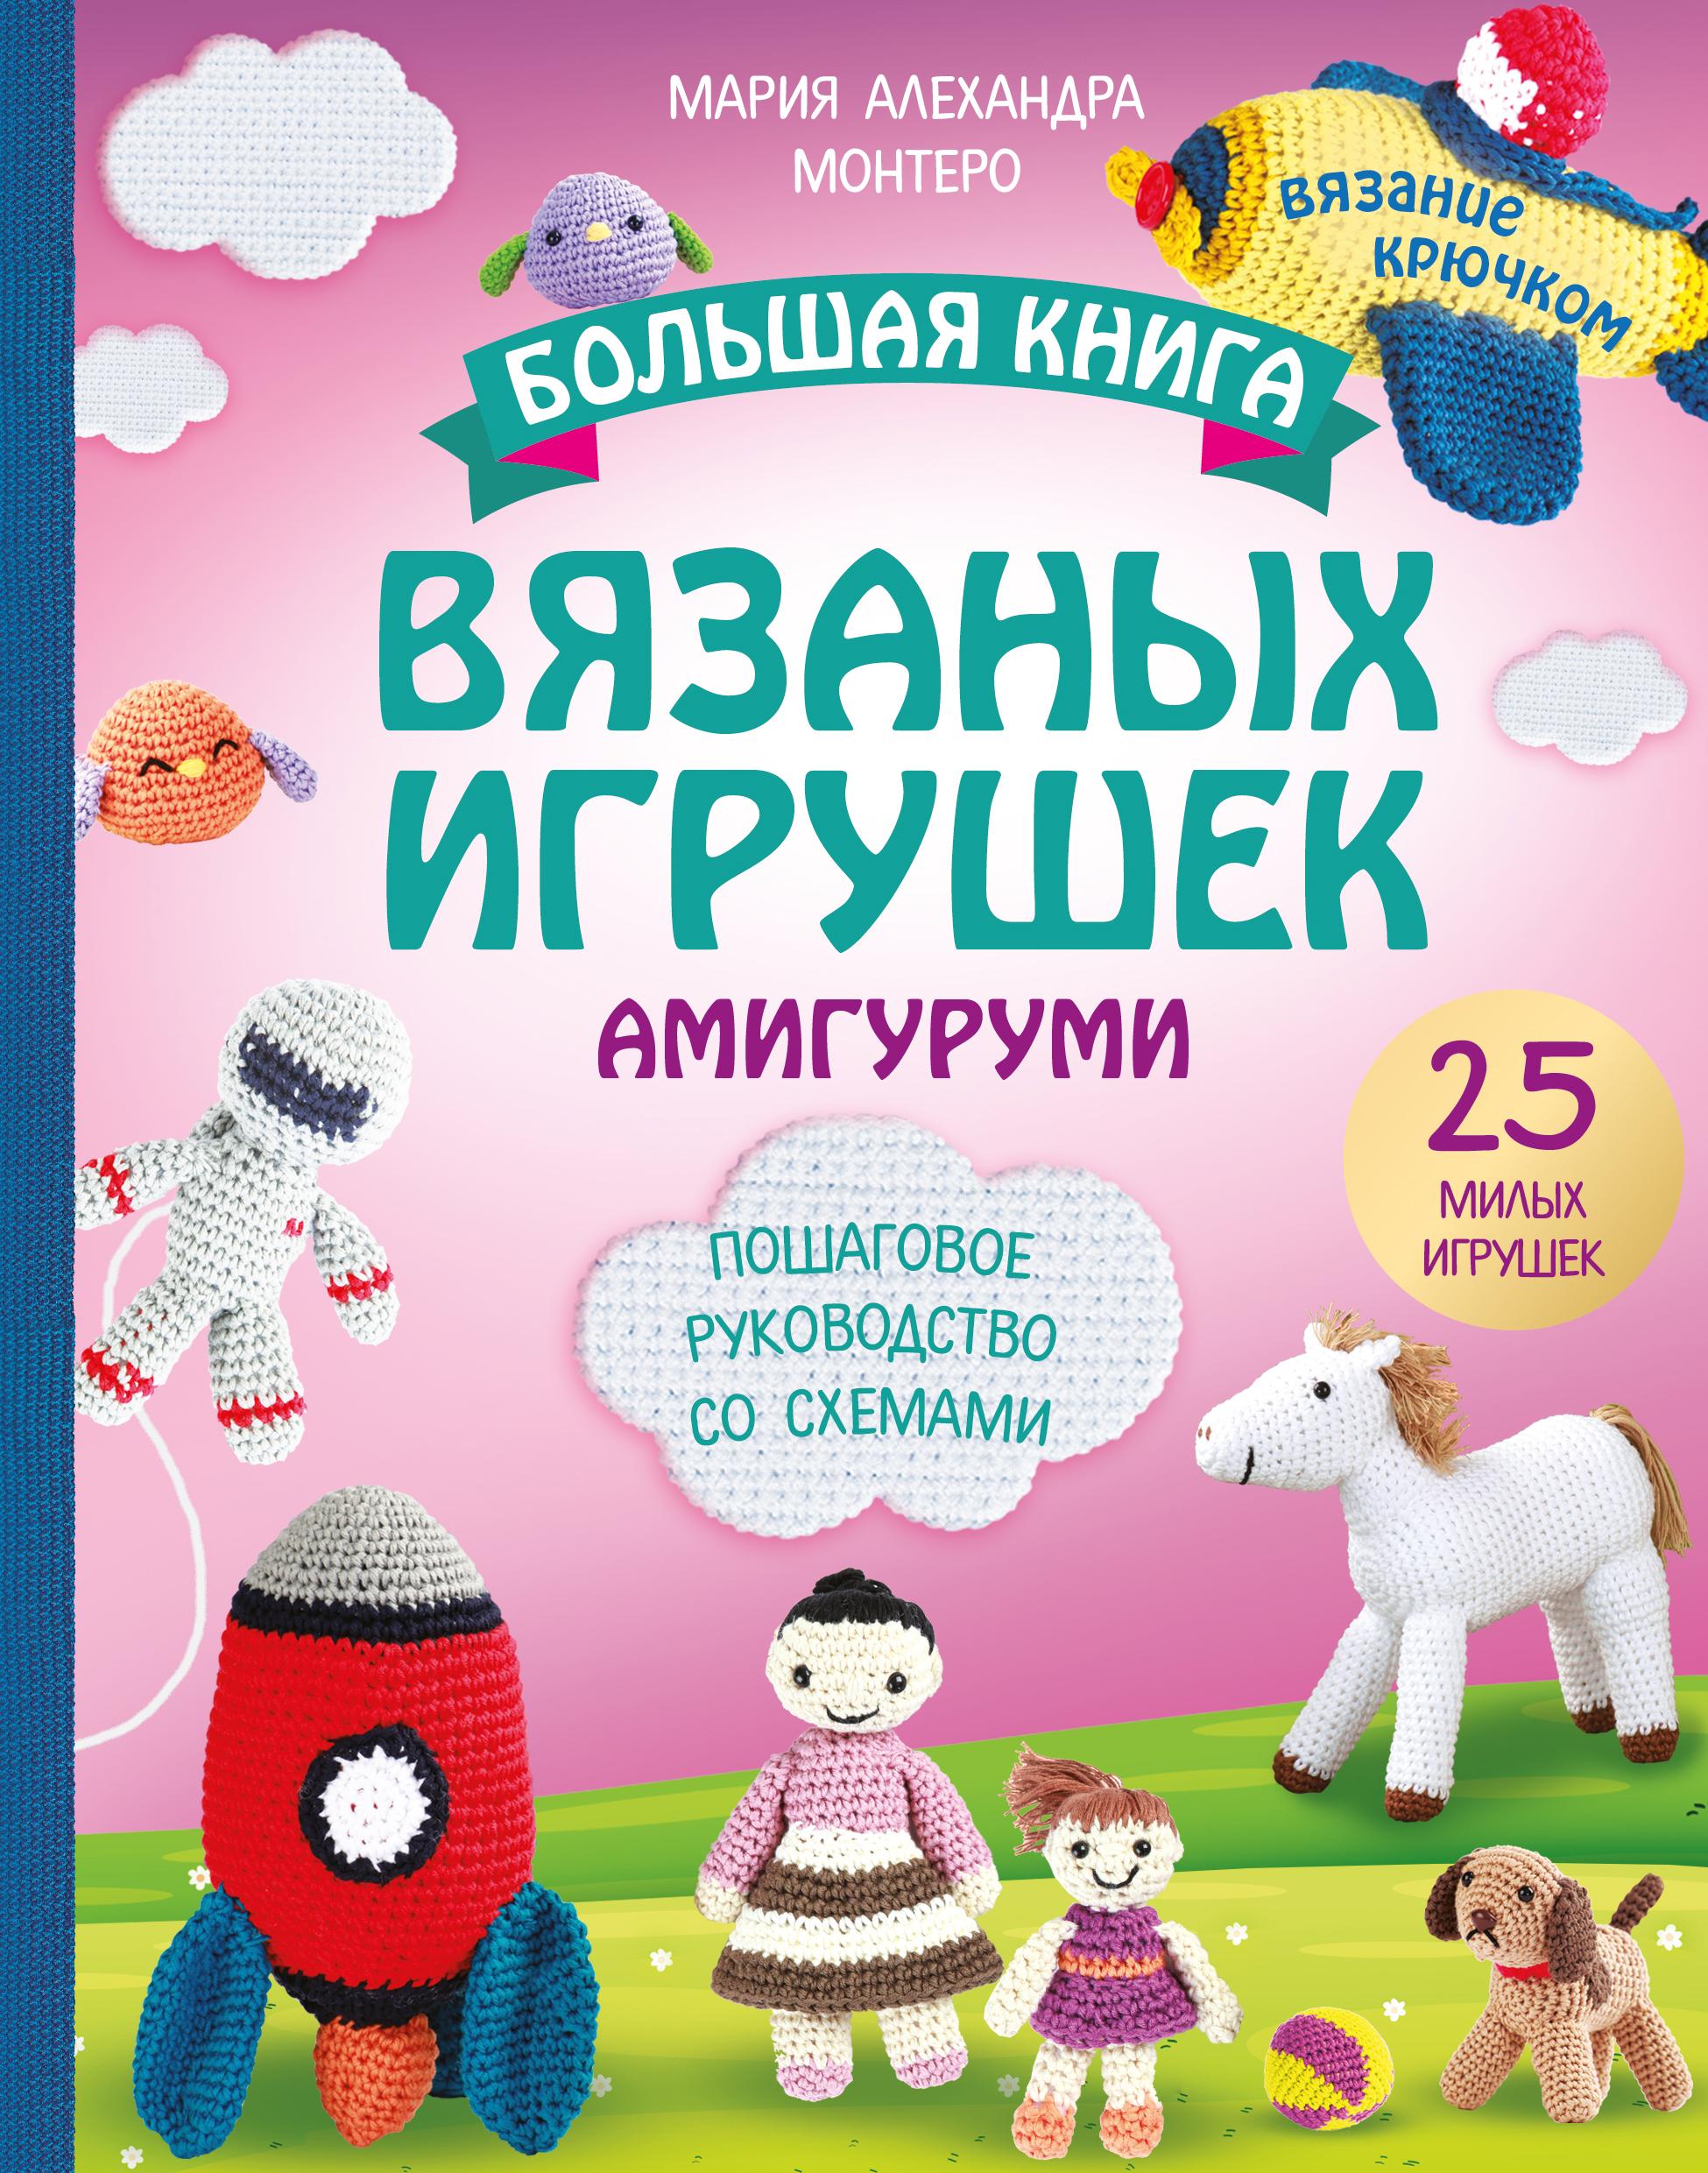 Мария Алехандра Монтеро Большая книга вязаных игрушек амигуруми. Пошаговое руководство со схемами соколова о амигуруми мир вязаных игрушек